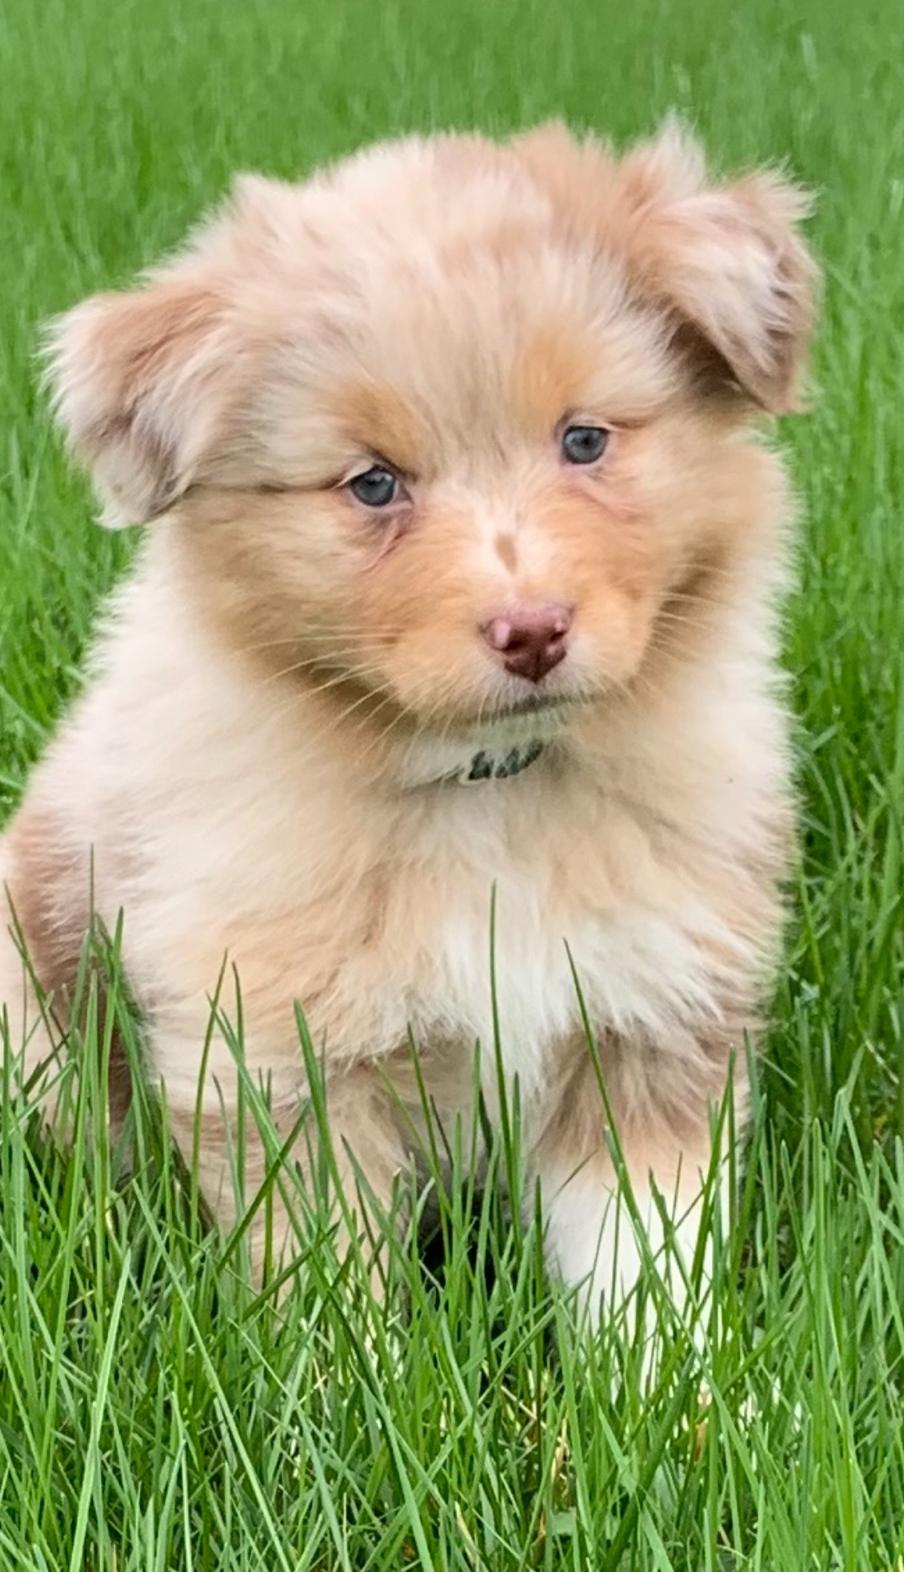 WTM Pup